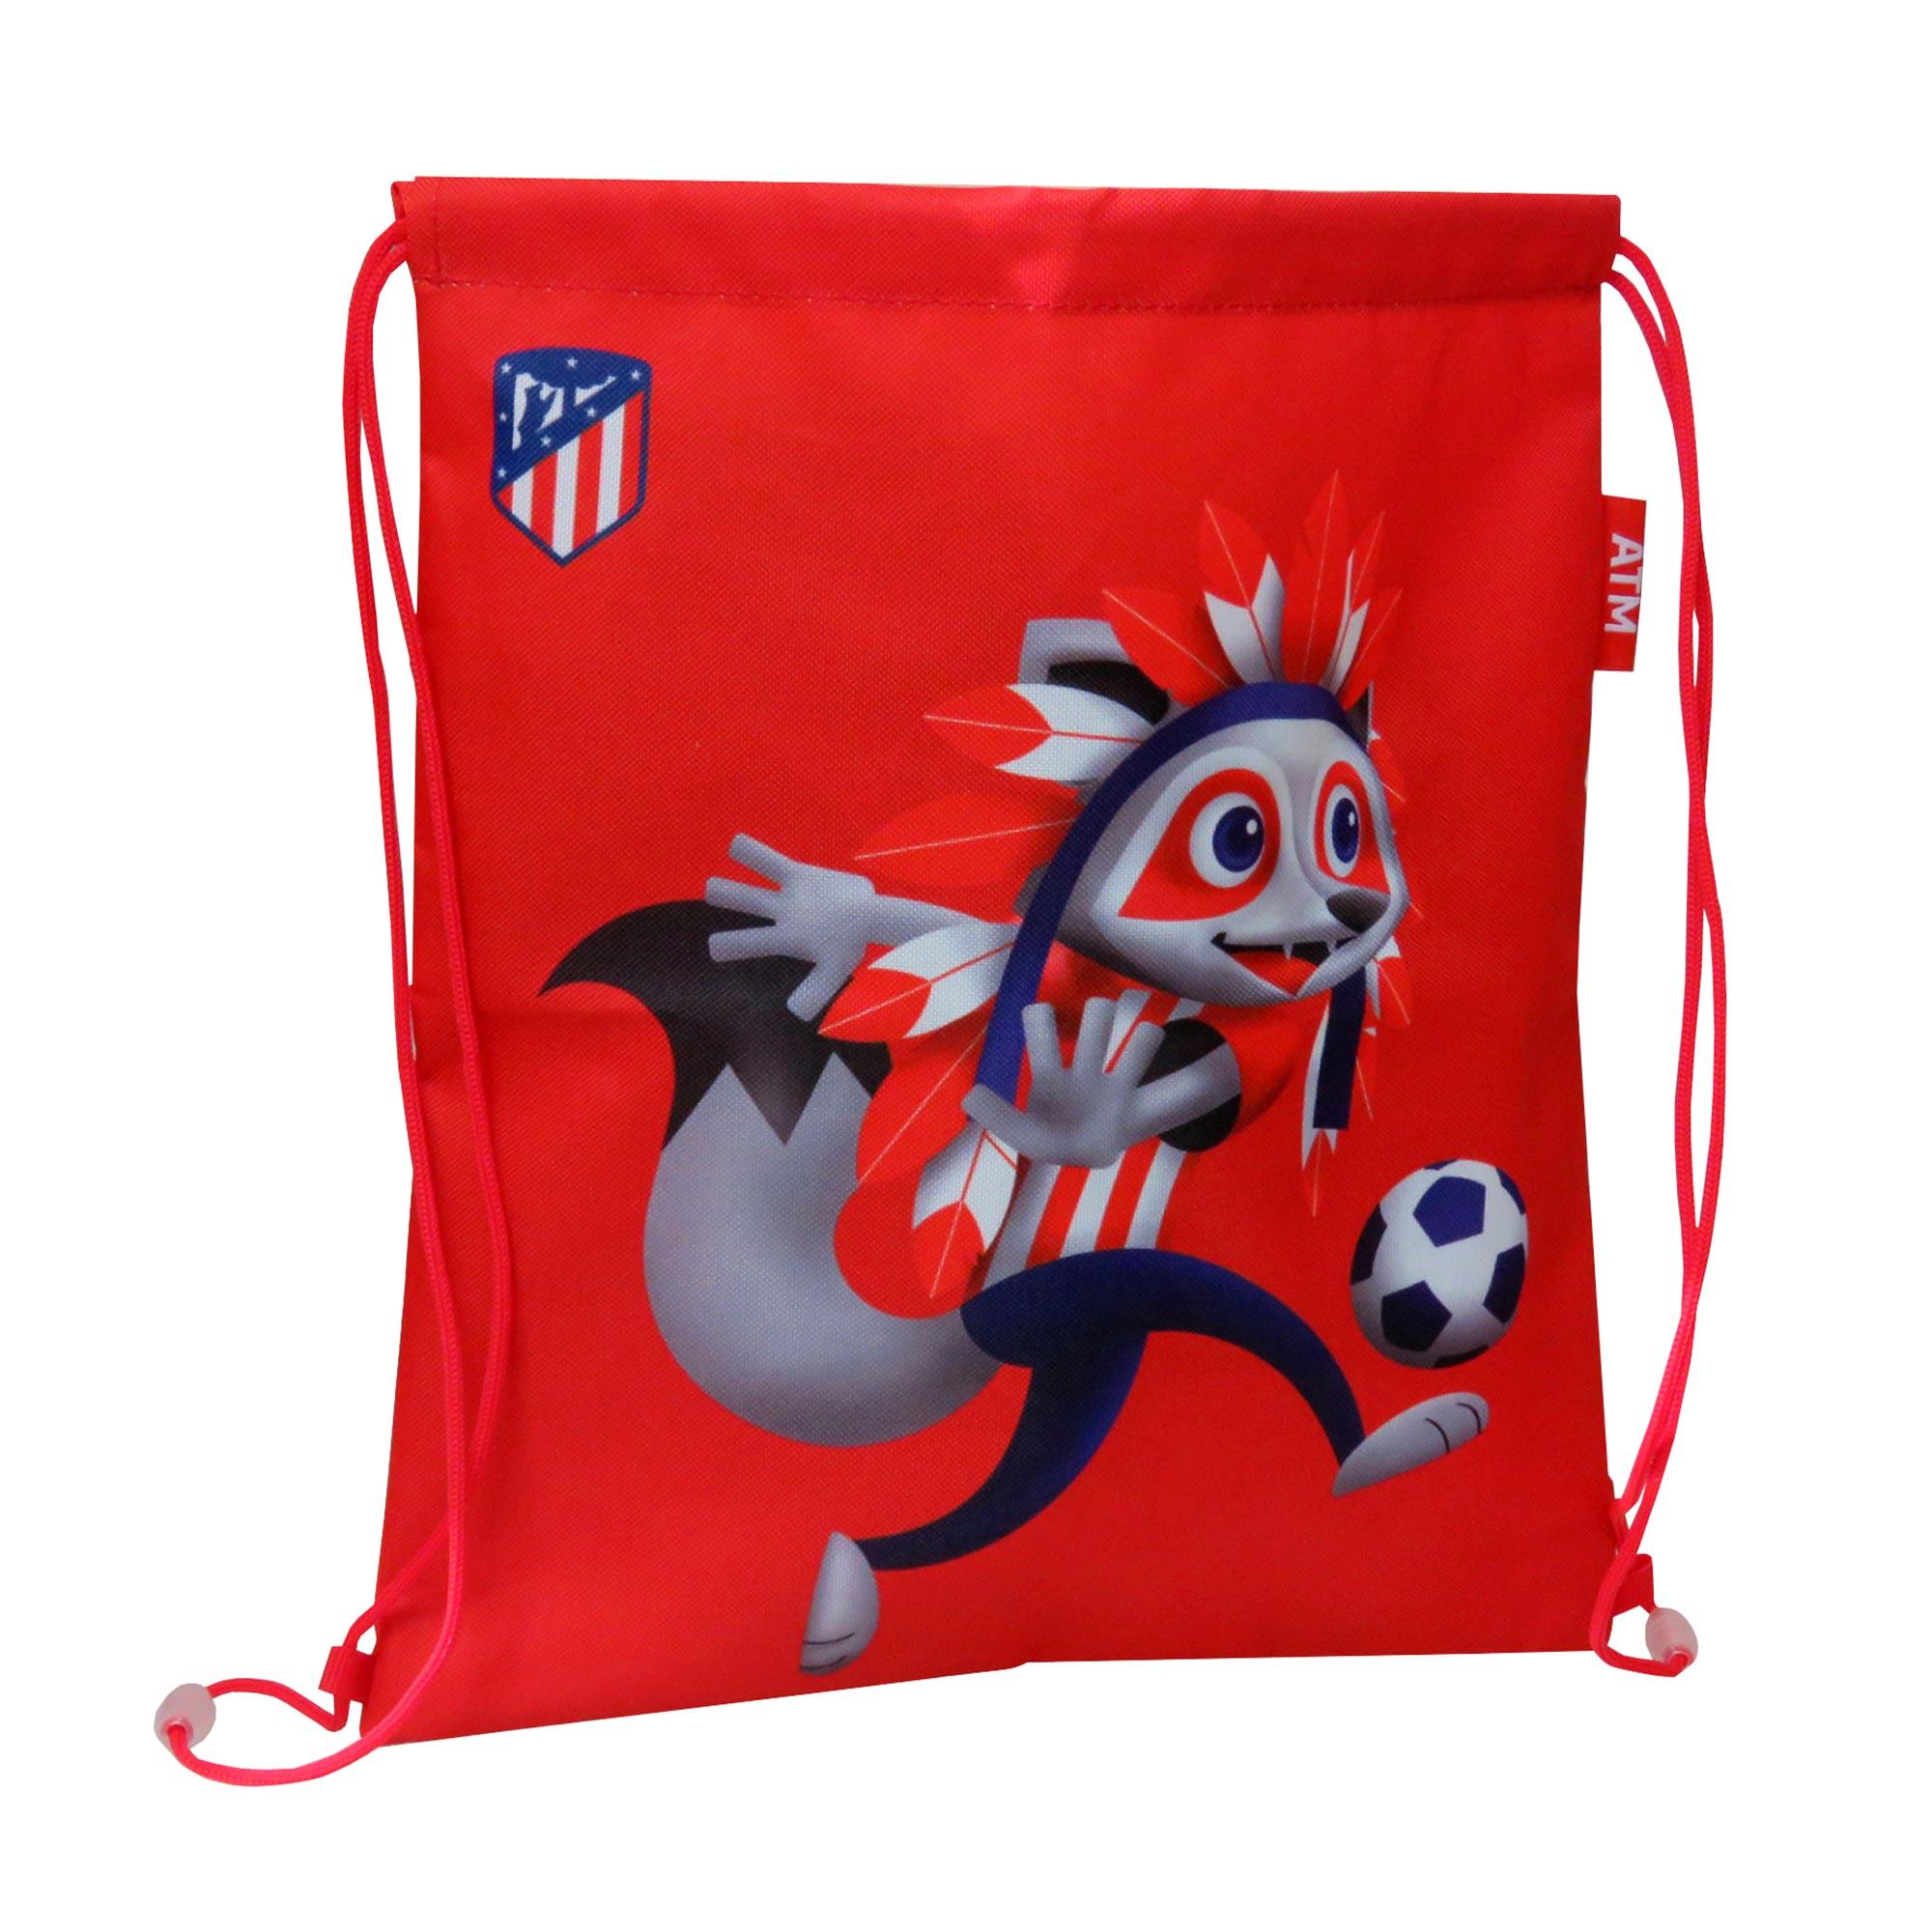 Sac de sport avec mascotte de l'Atlético de Madrid - 35 x 30cm